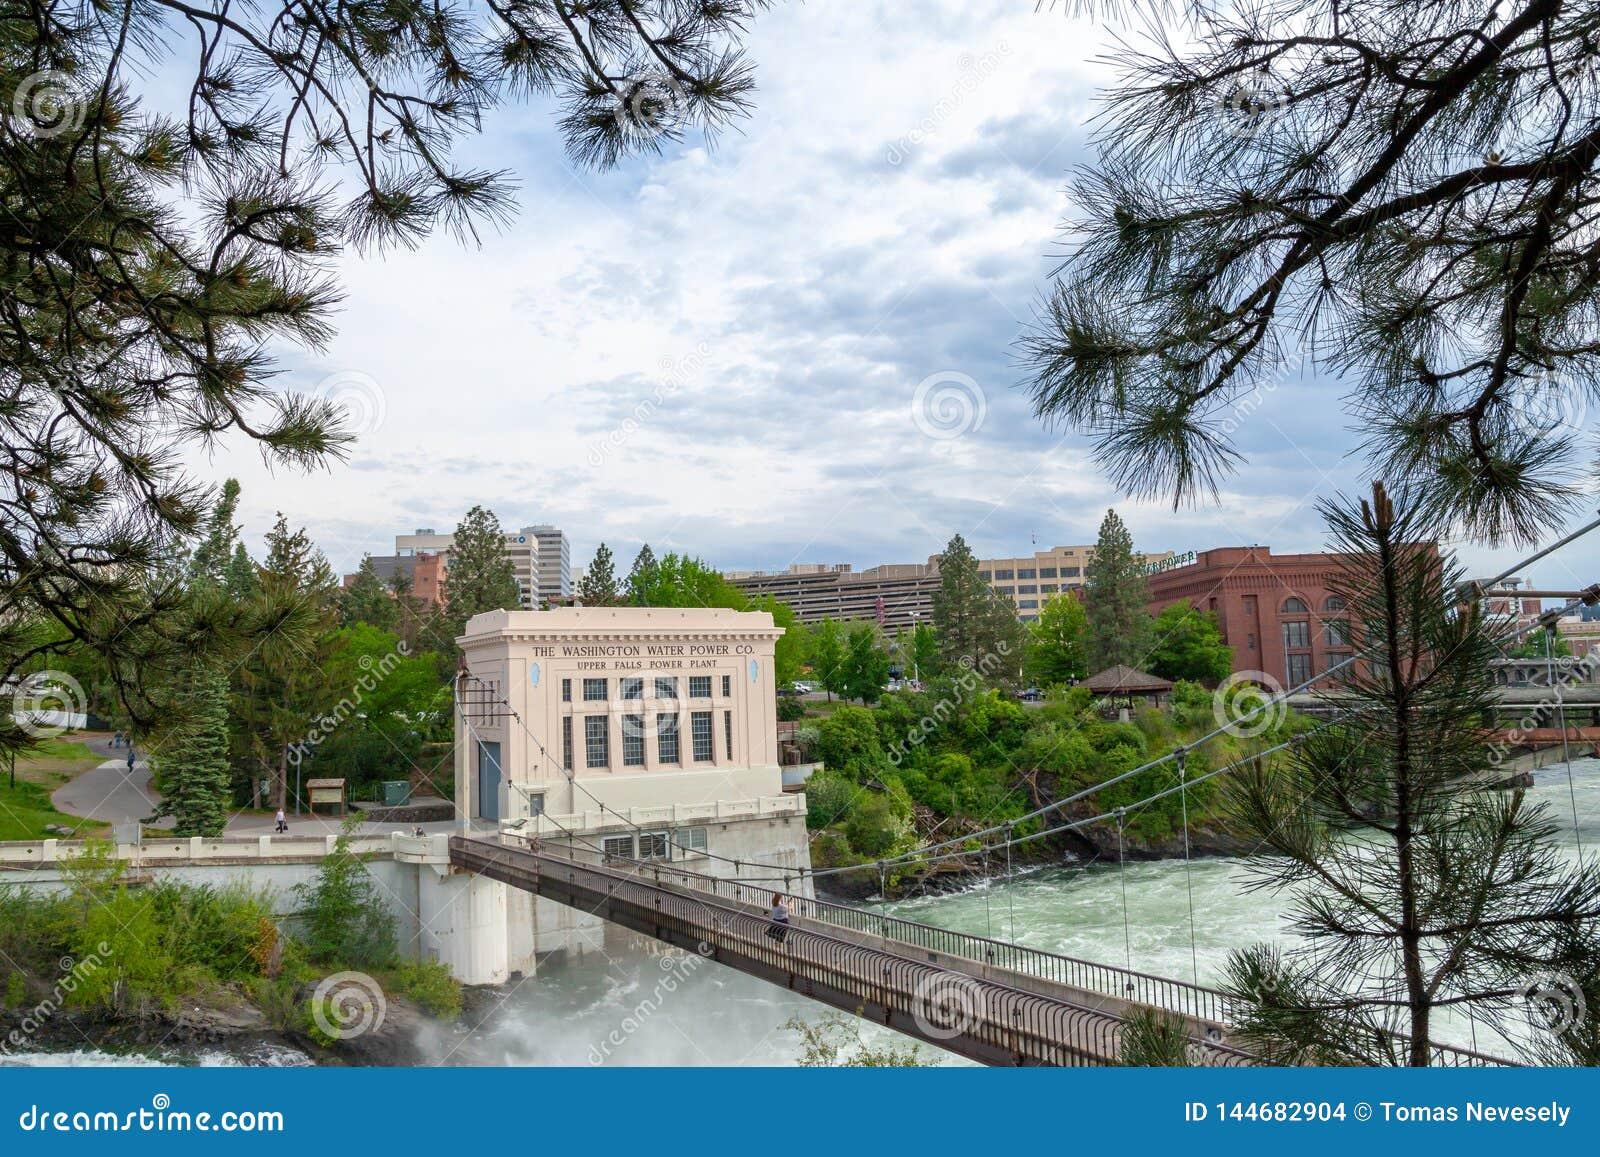 SPOKANE, WASHINGTON, DE V.S. - 16 MEI, 2018: De Washington Water Power Upper Falls-Elektrische centrale in Spokane van de binnens